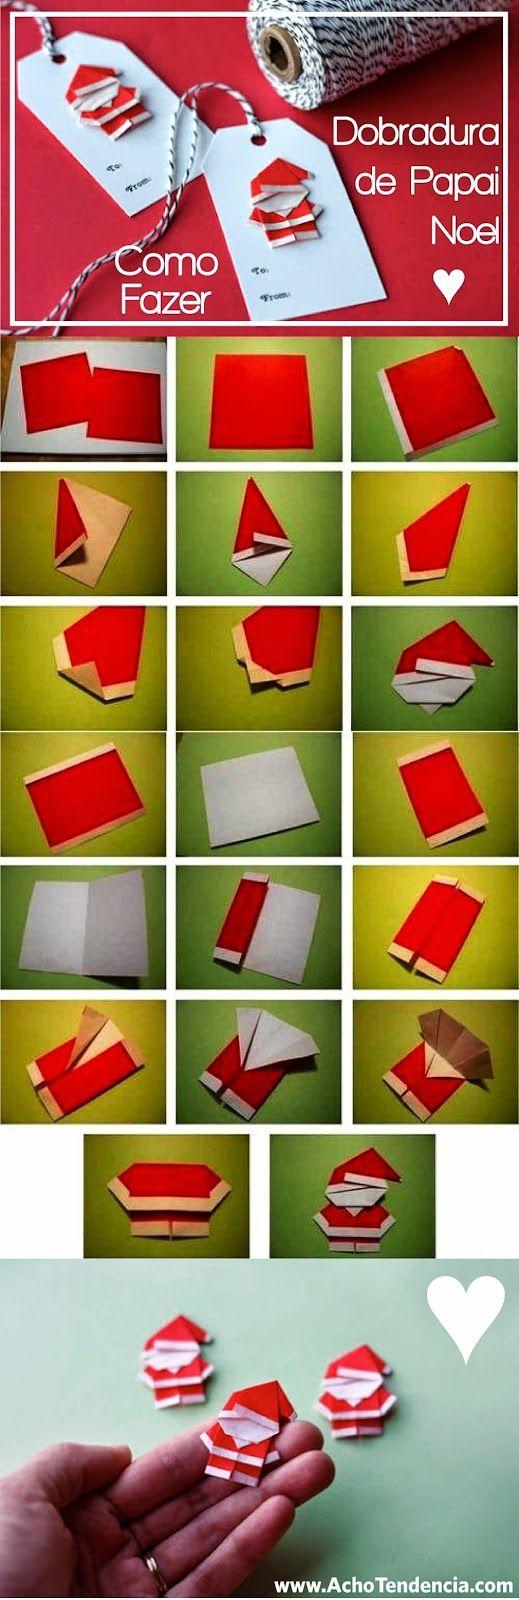 11 Dias pro Natal: Aprenda a fazer um Papai Noel de Origami ♥